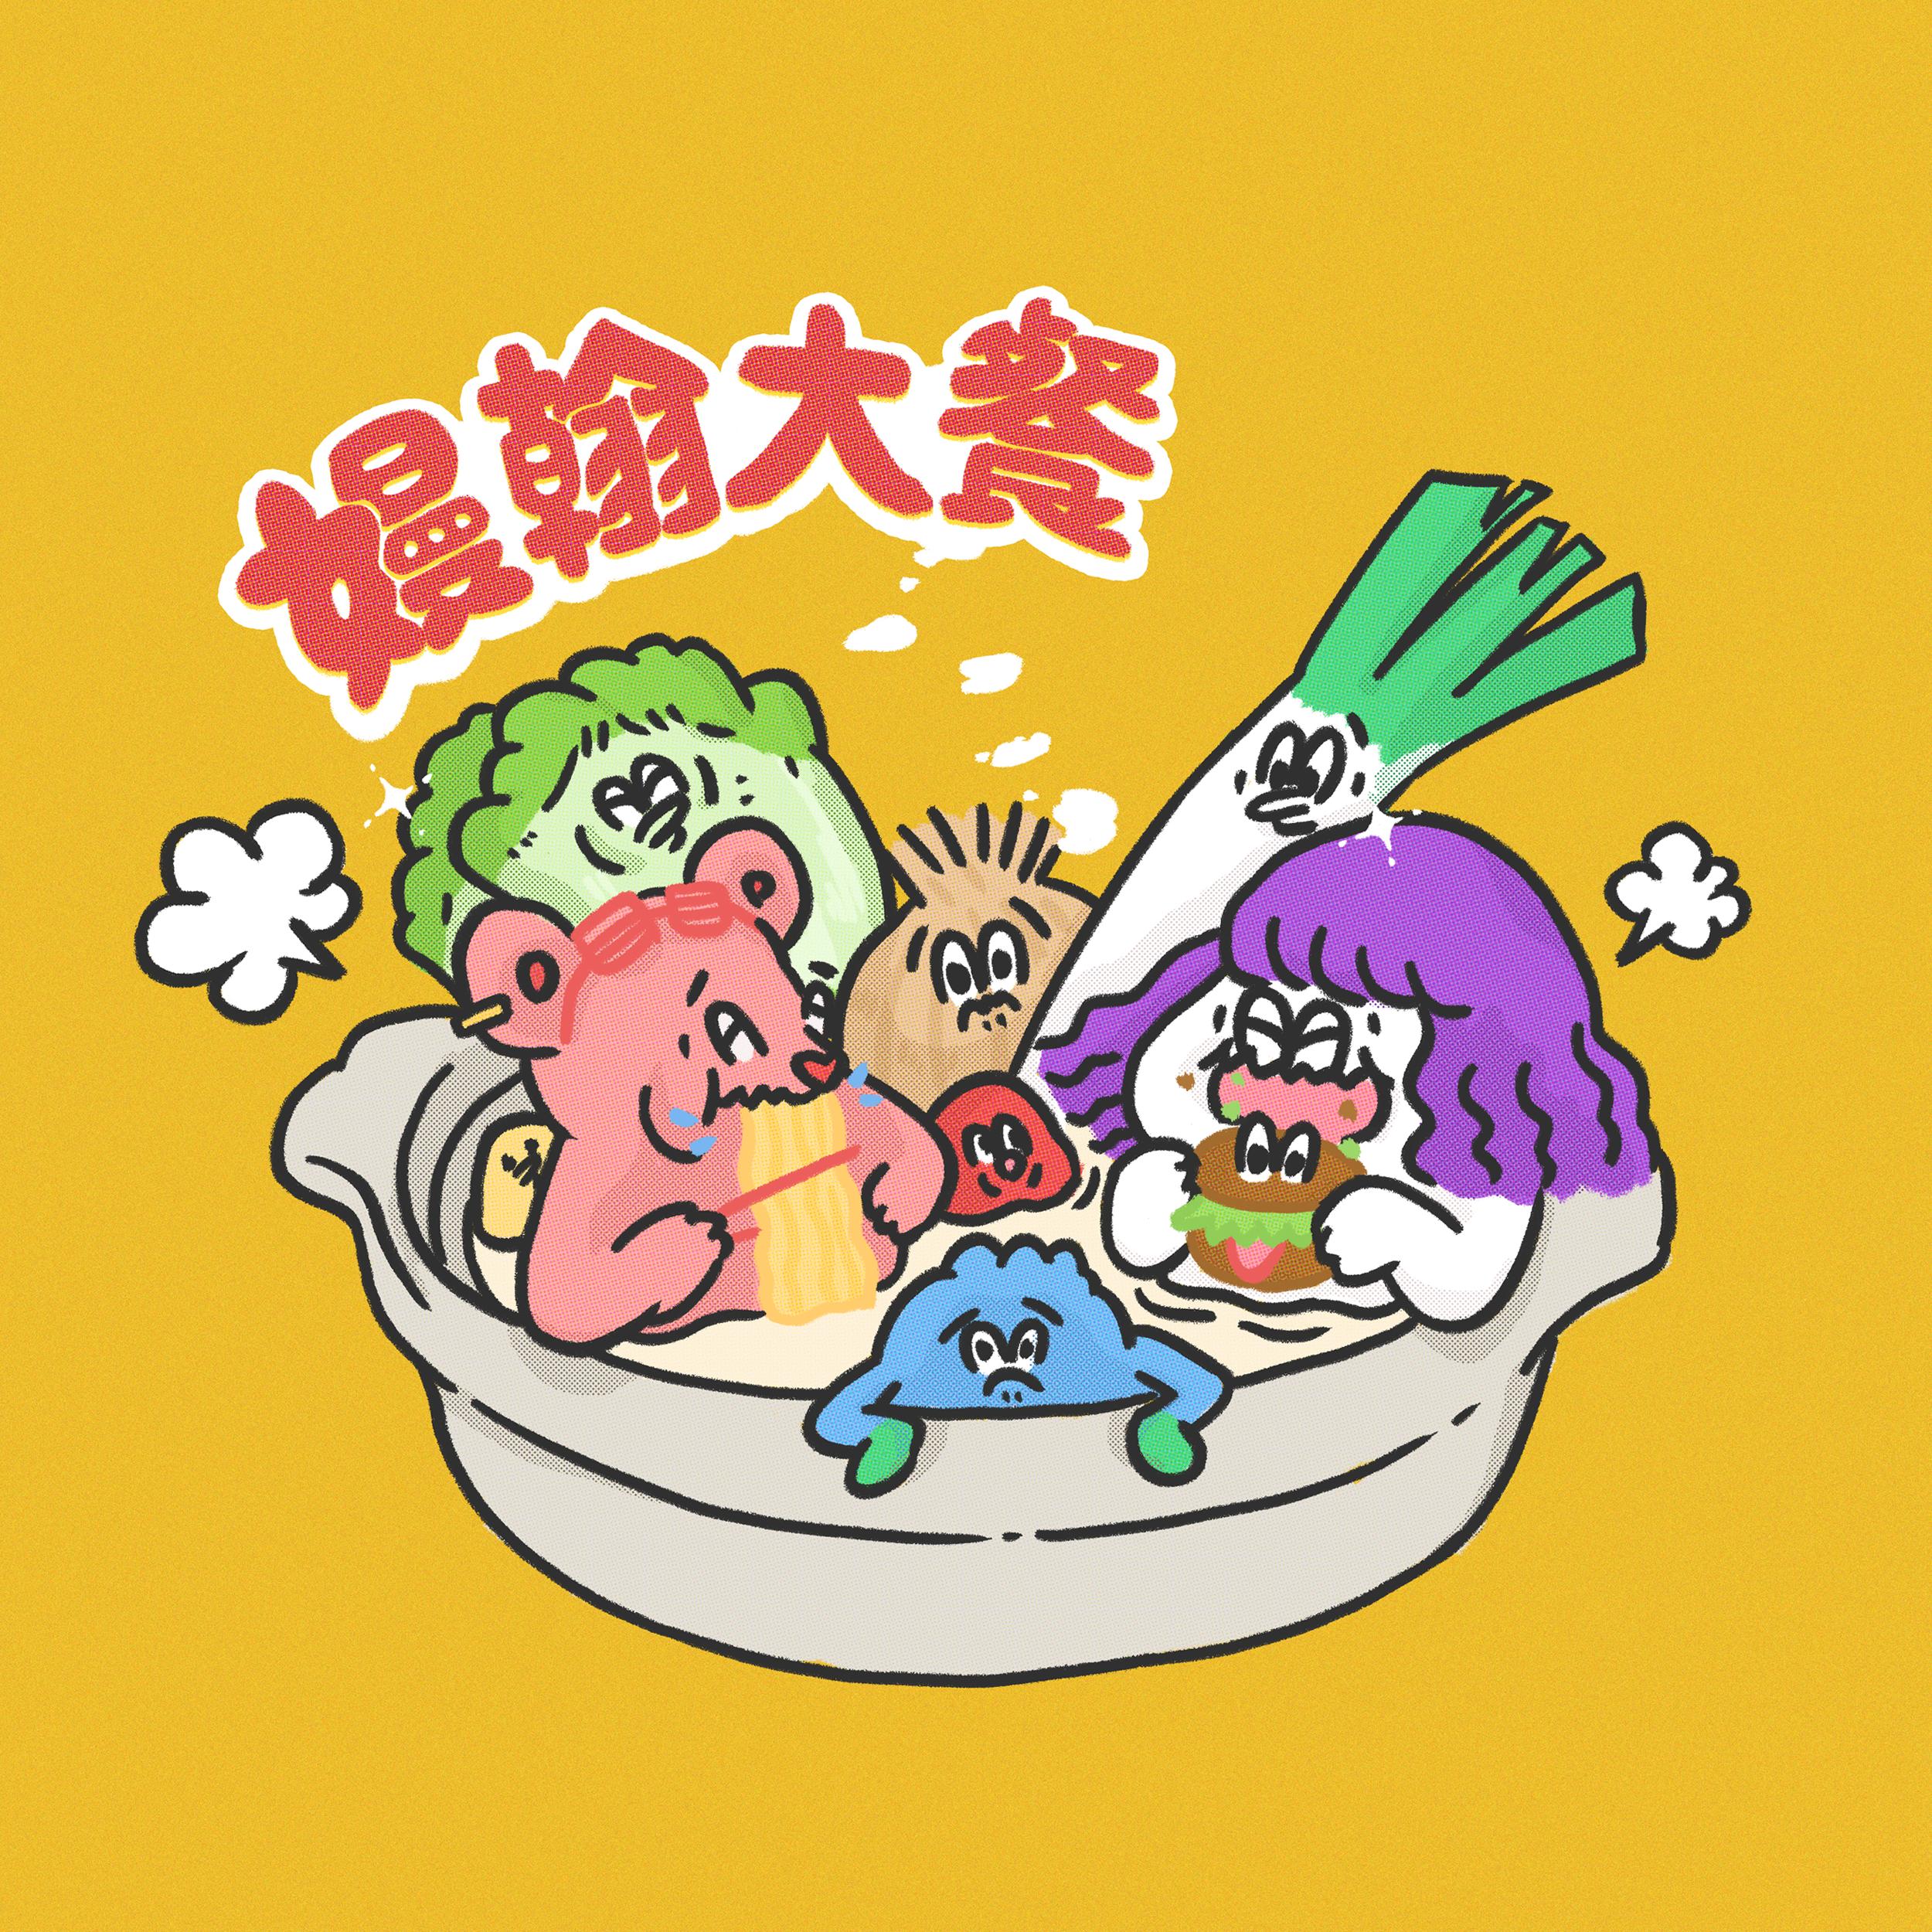 【嫚翰大餐】ep.16 - 整集都在業配的podcast鬼故事